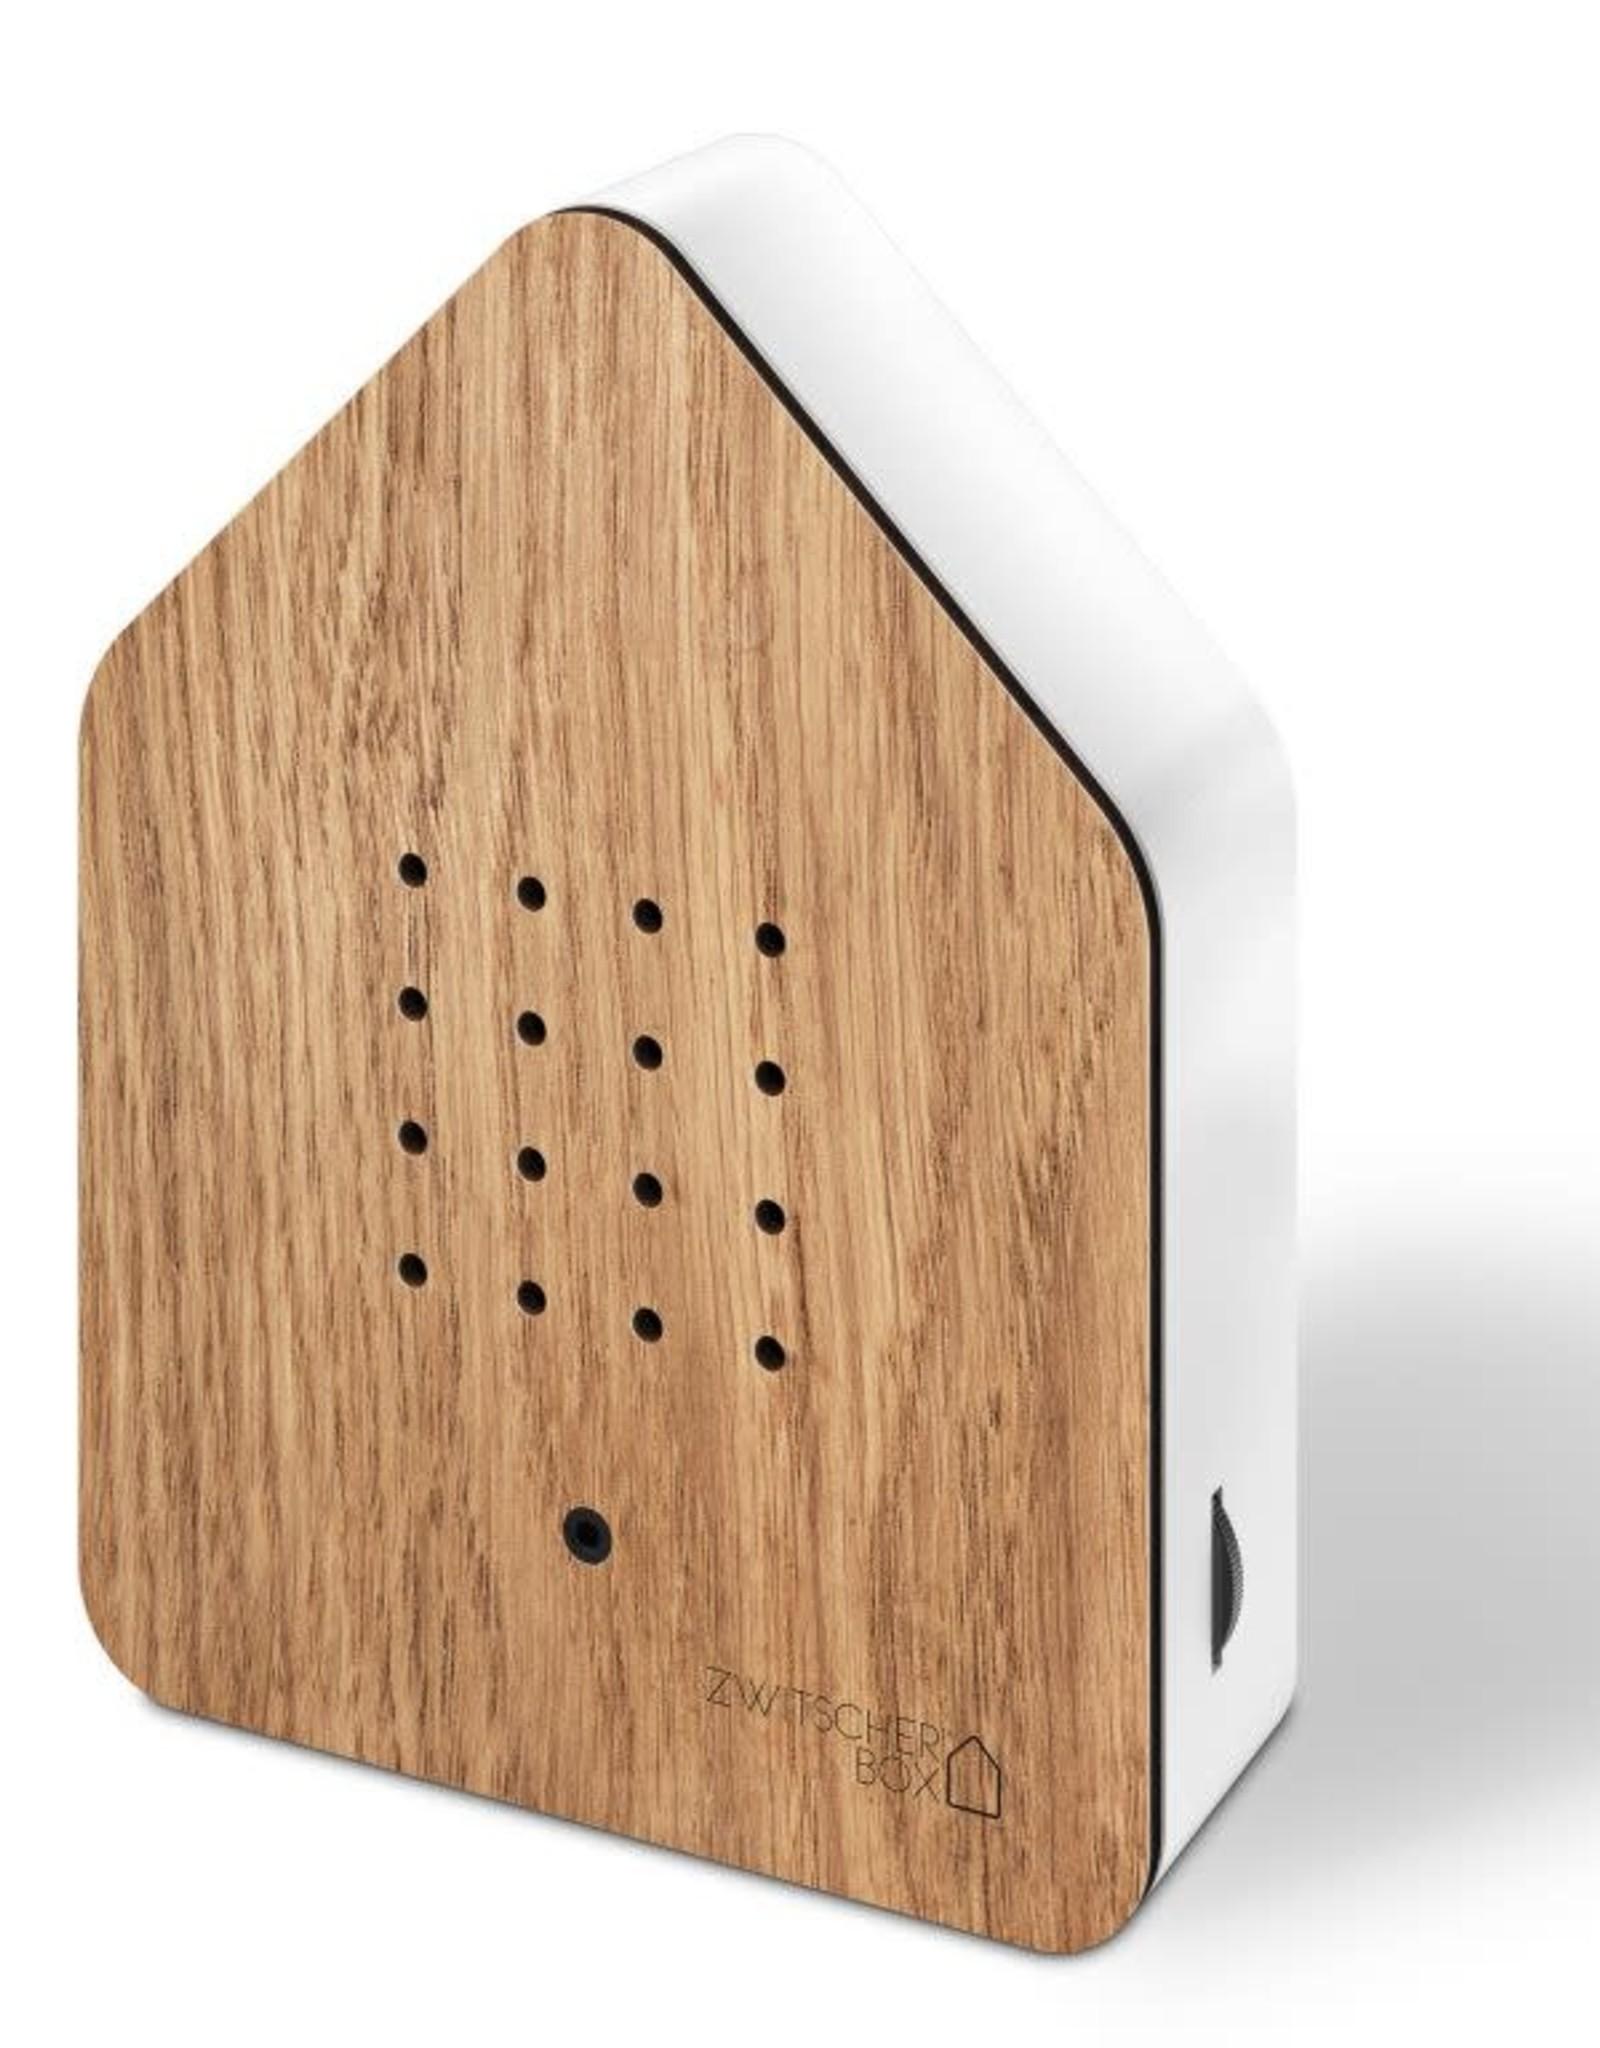 relaxound Zwitscherbox Wood Chêne